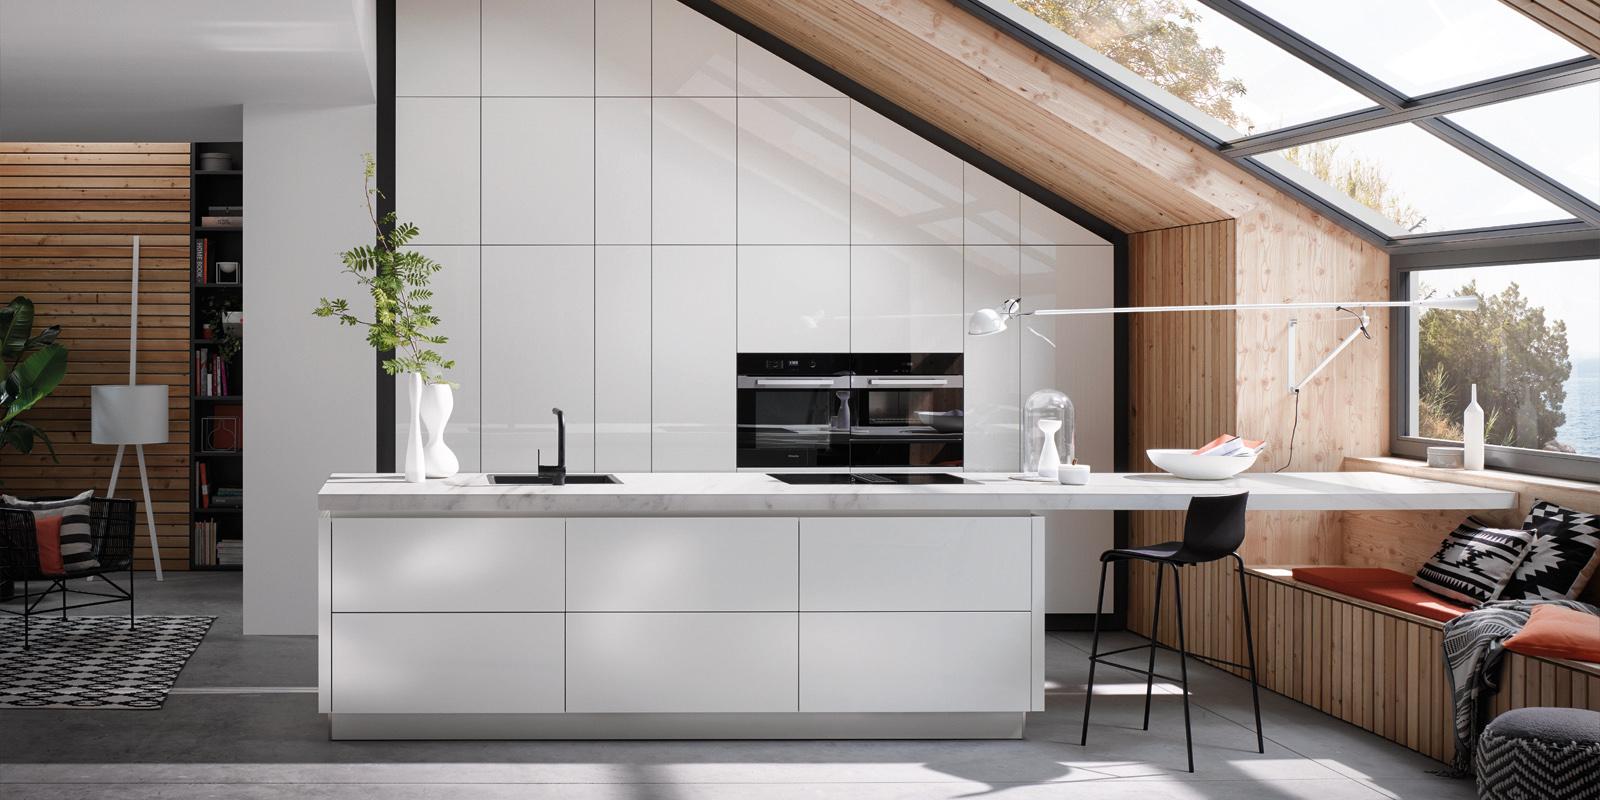 Full Size of Nischenrückwand Küche Kosten Küchenrückwand Design Rückwand Küche Real Rückwand Küche Einbauen Küche Nischenrückwand Küche